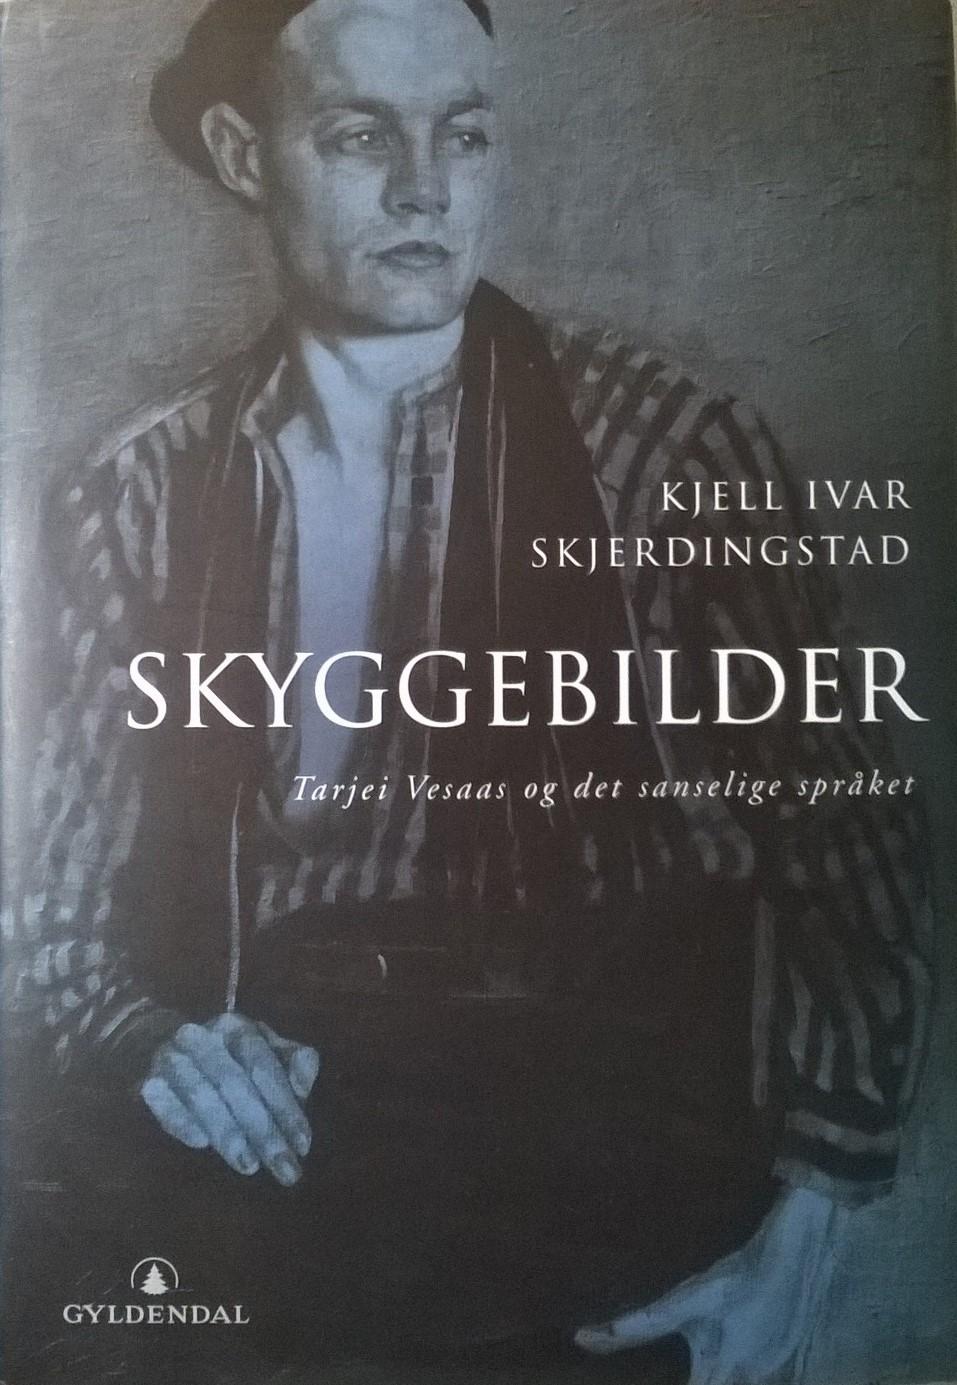 Skjerdingstad, Kjell Ivar Skyggebilder: Tarjei Vesaas og det sanselige språket